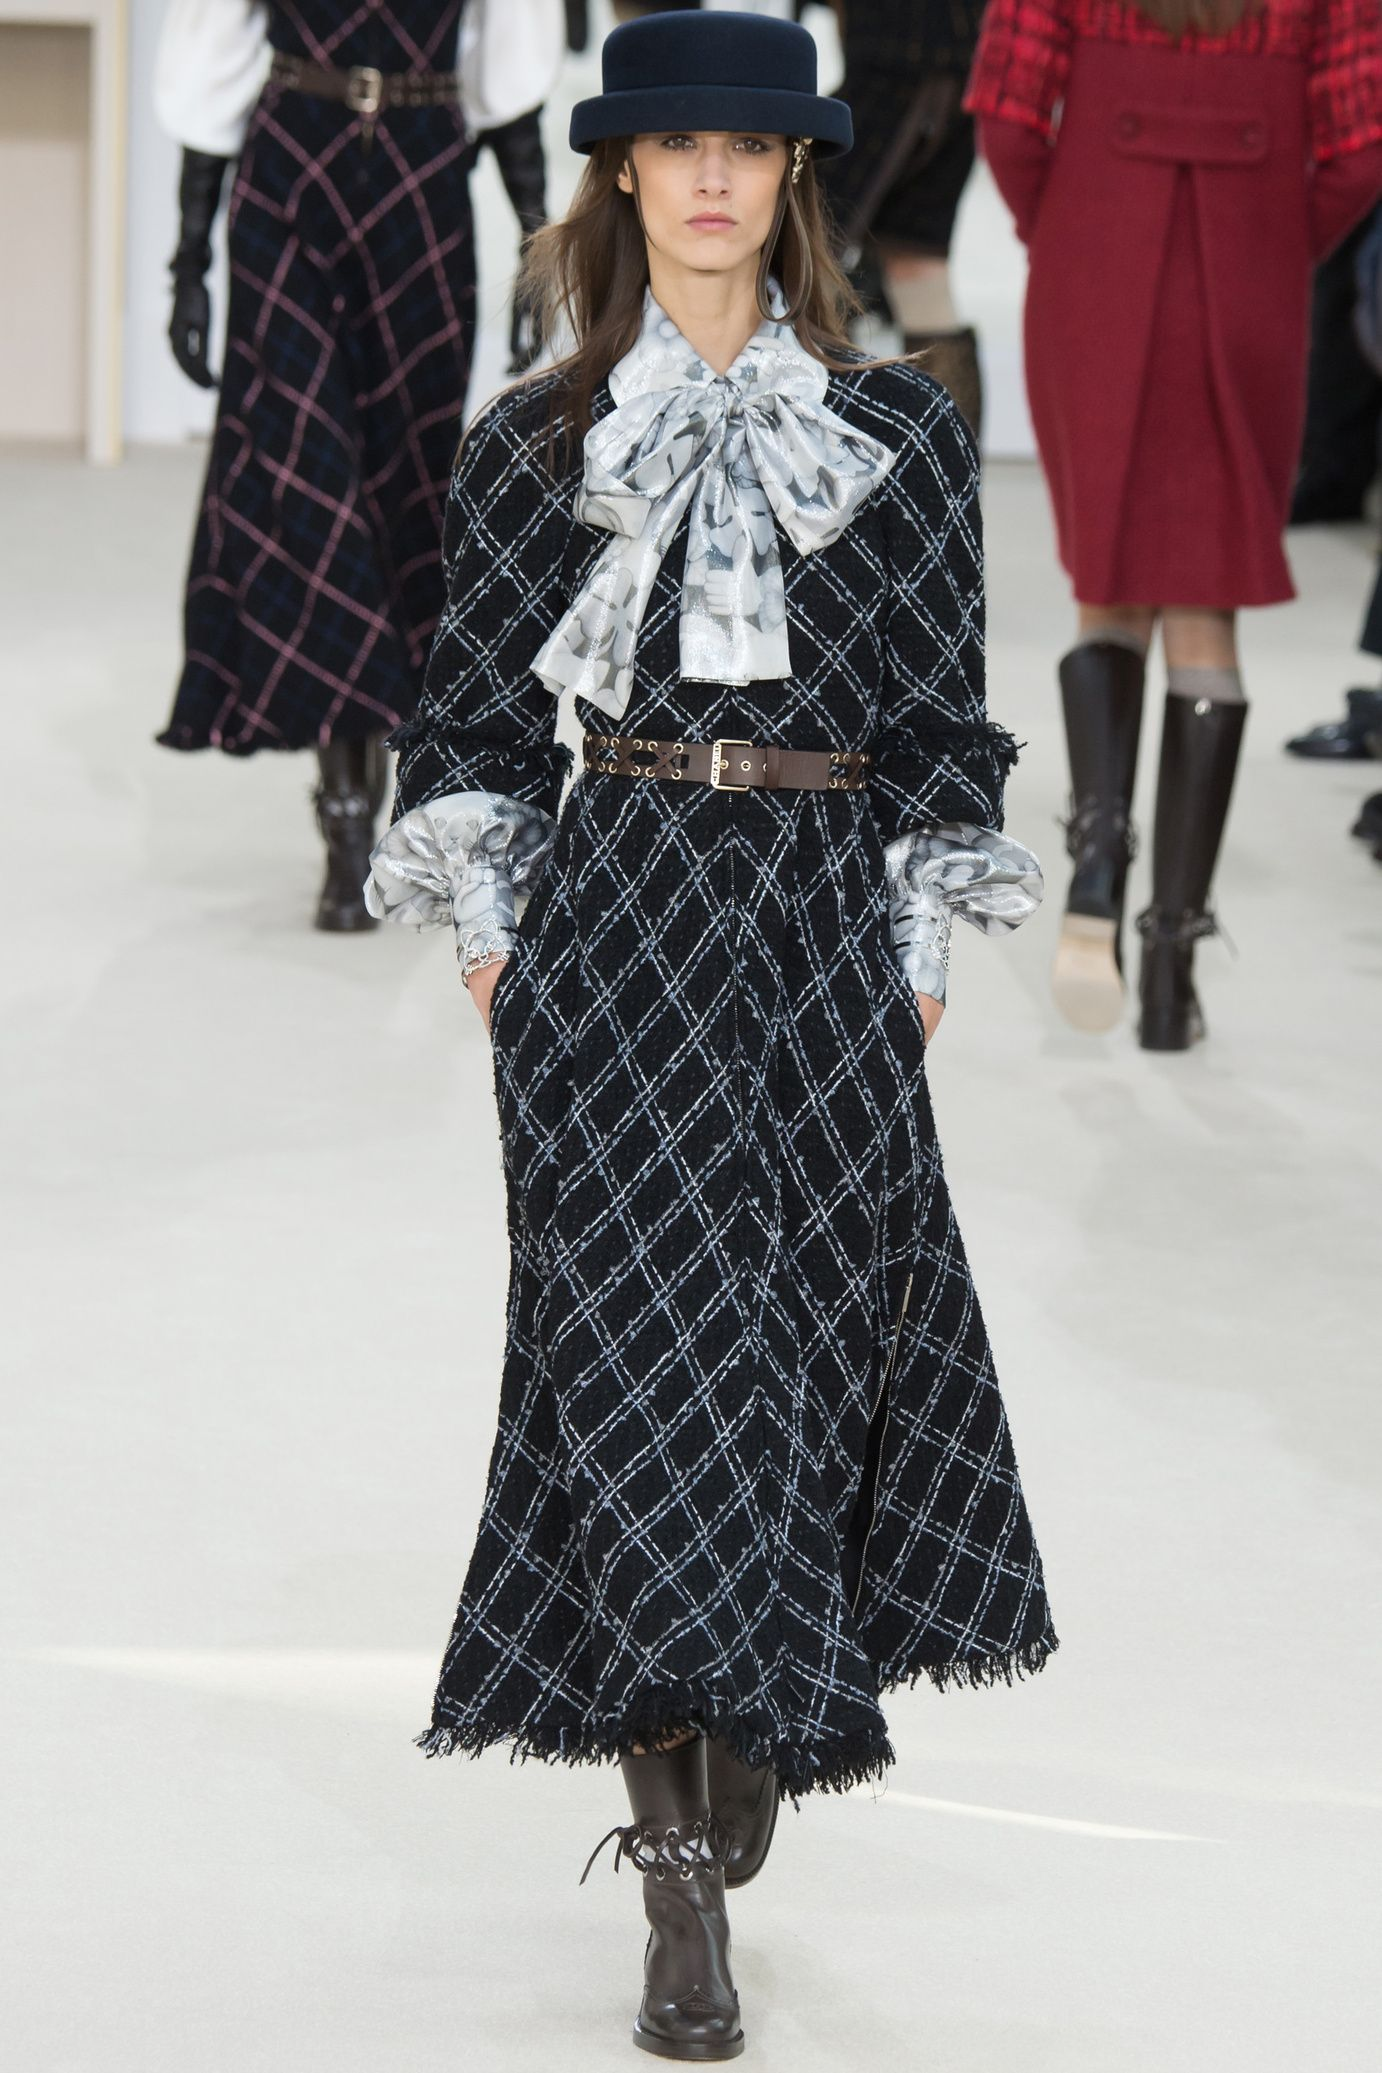 Défilé Chanel Automne-Hiver 2016-2017 25